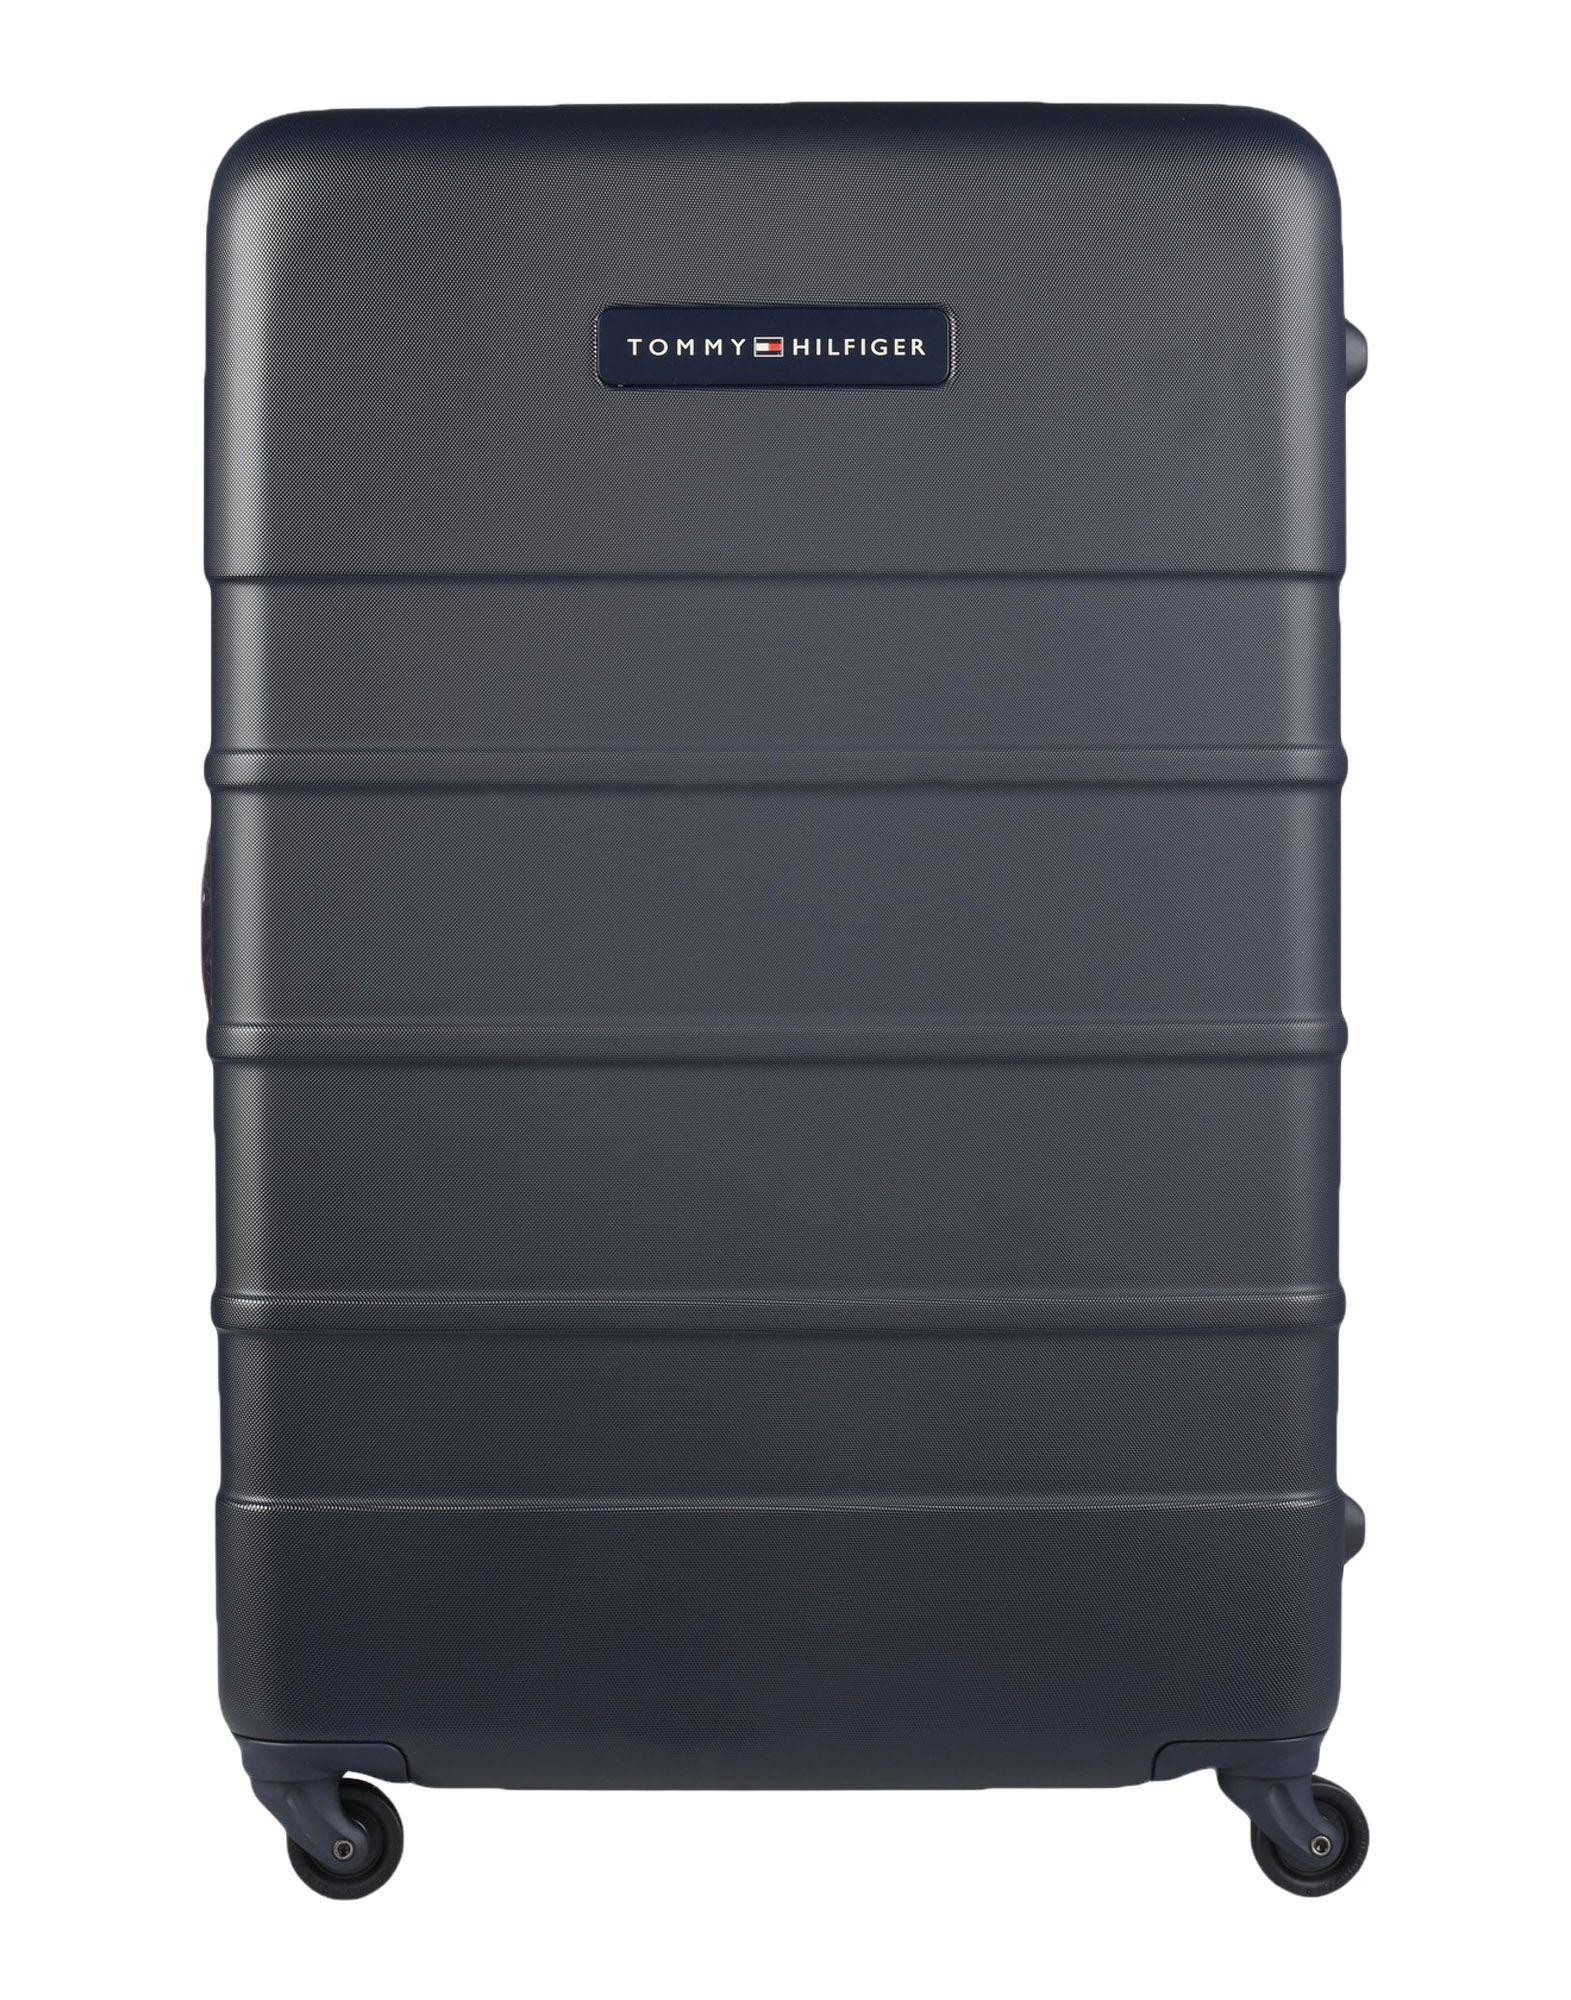 TOMMY HILFIGER Чемодан/сумка на колесиках стойка для одежды artmoon toronto двойная с боковыми выдвижными штангами на колесиках